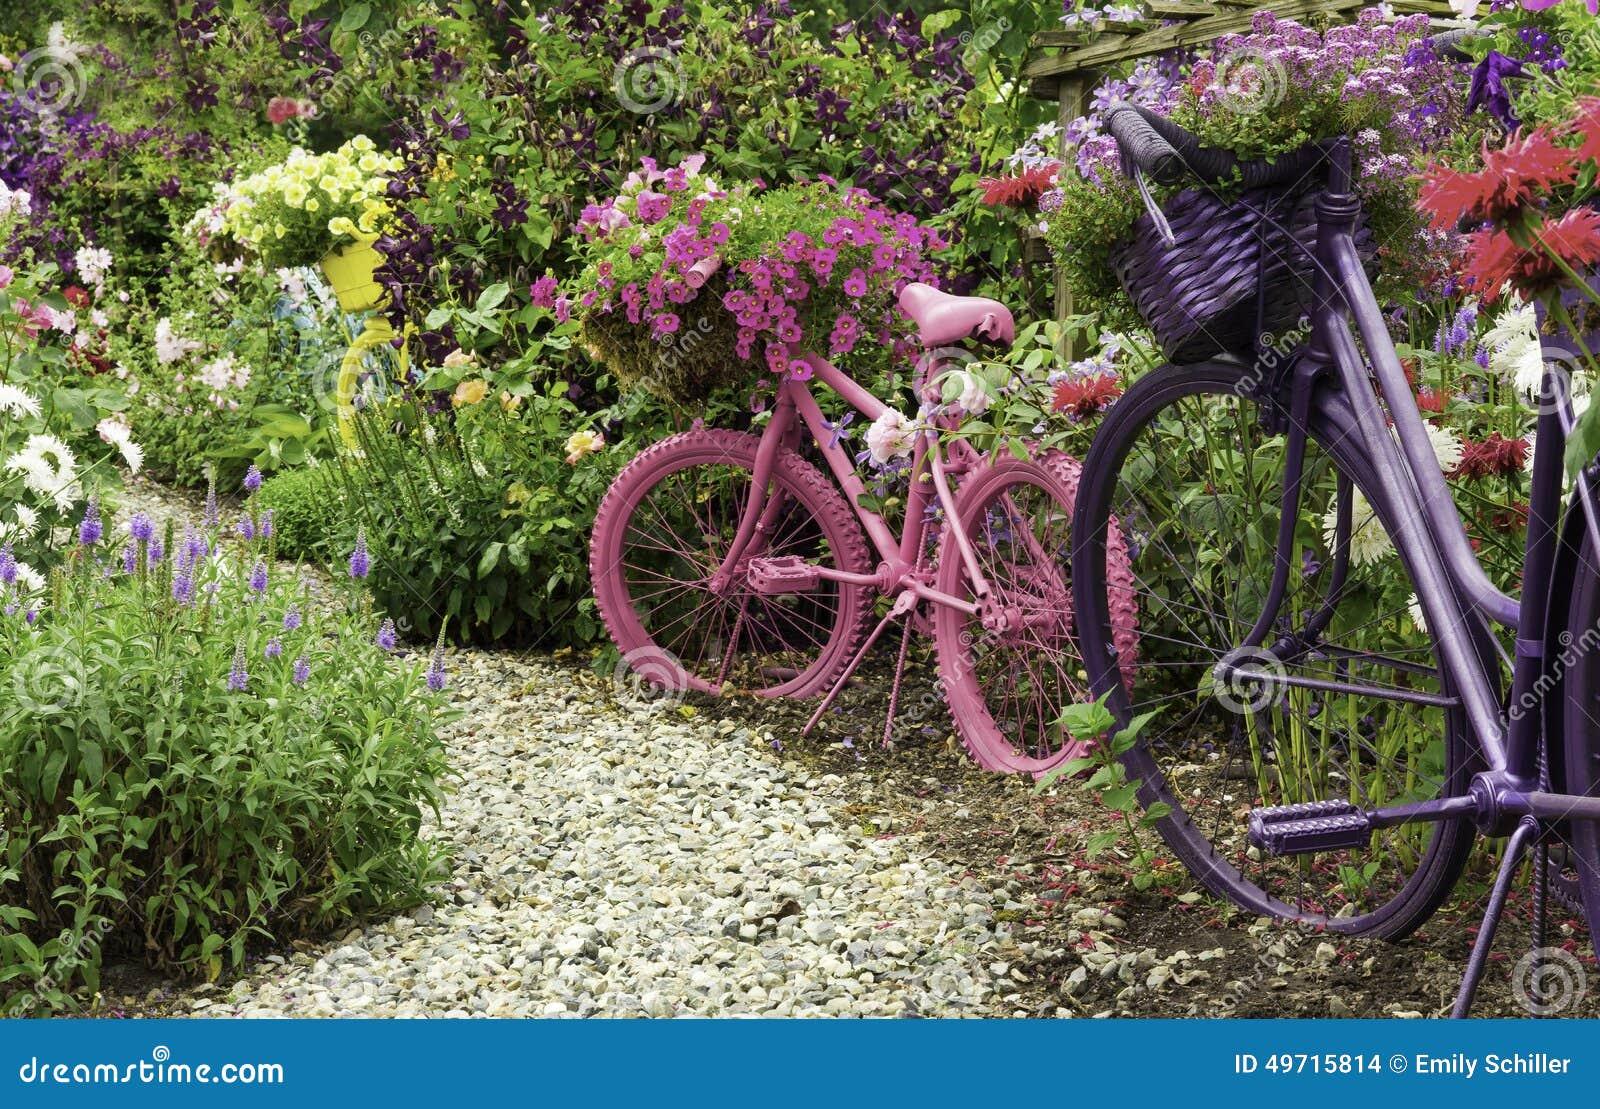 Bicicletas pintadas como jard n art planters foto de for Guardar bicicletas en el jardin